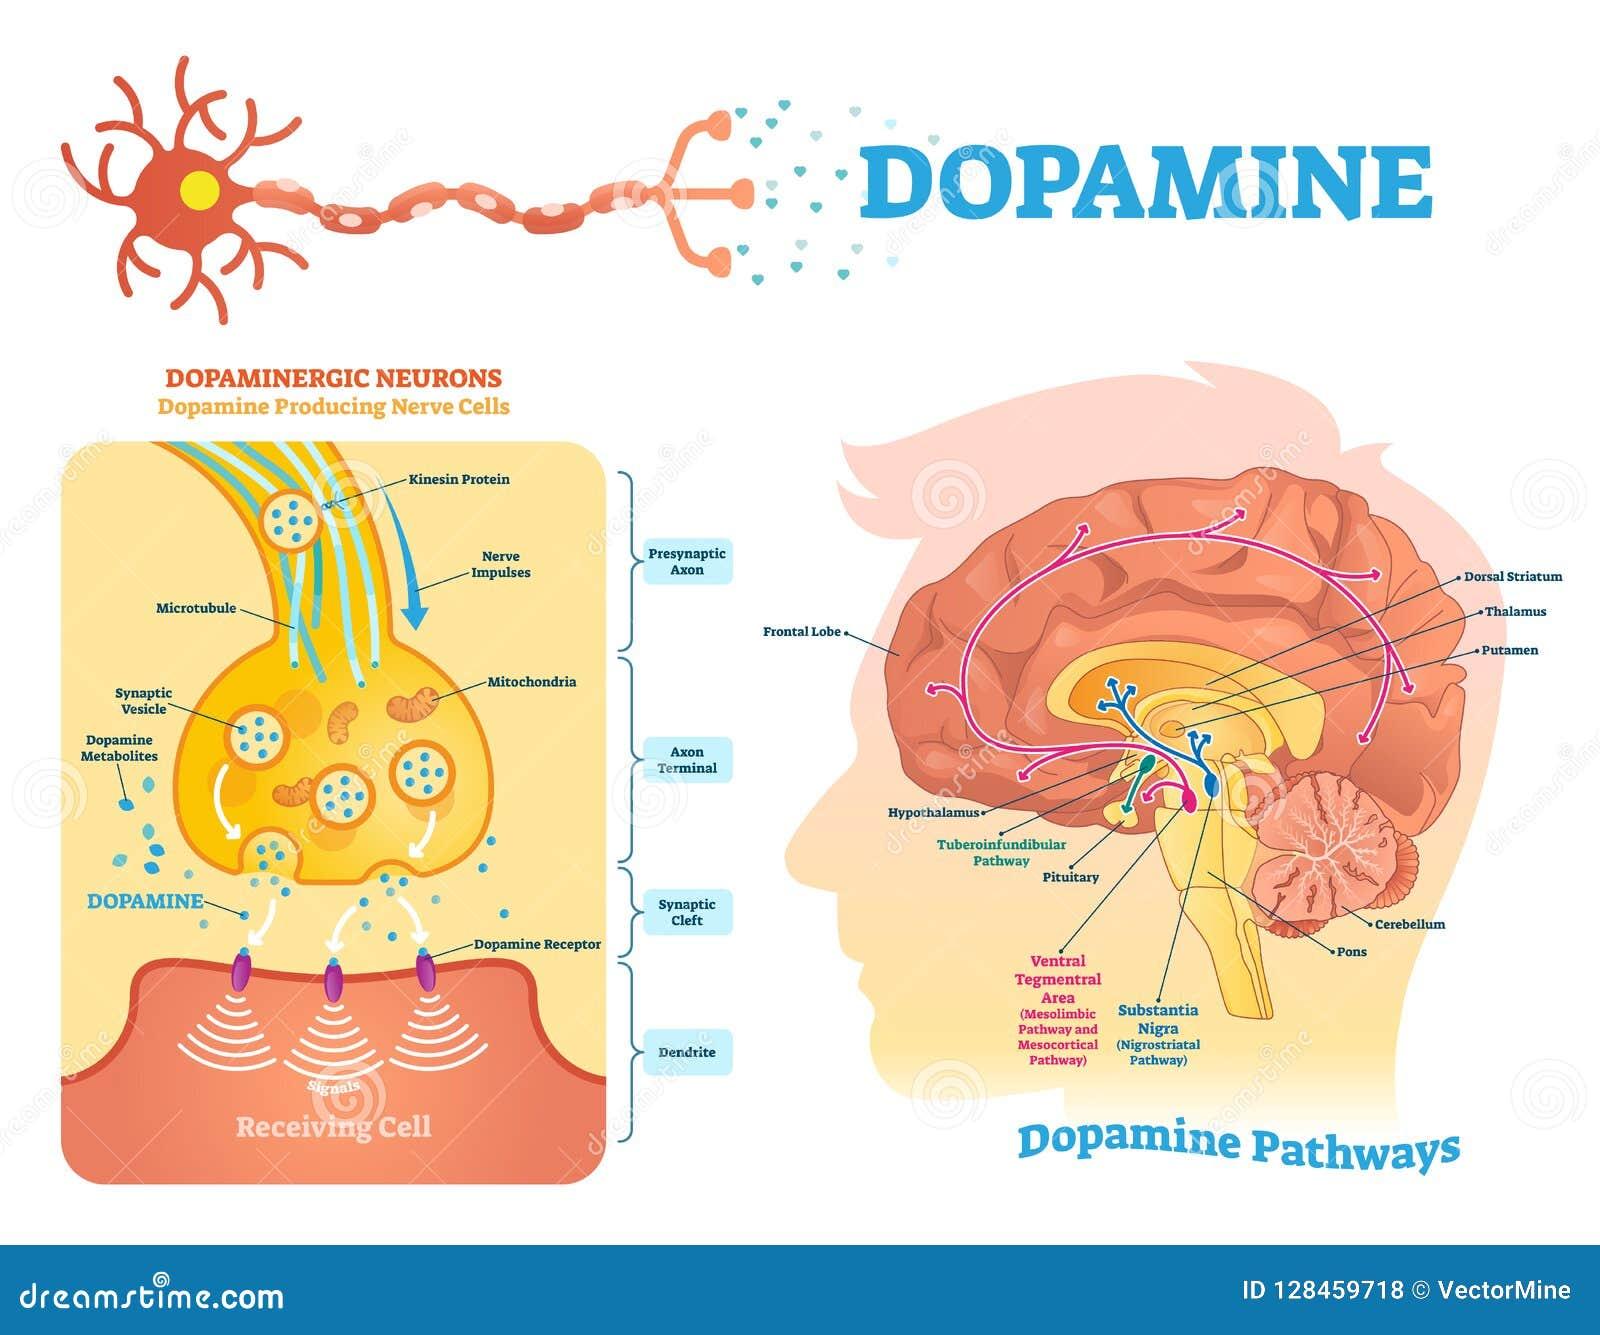 Dopamine vectorillustratie Geëtiketteerd diagram met zijn actie en wegen